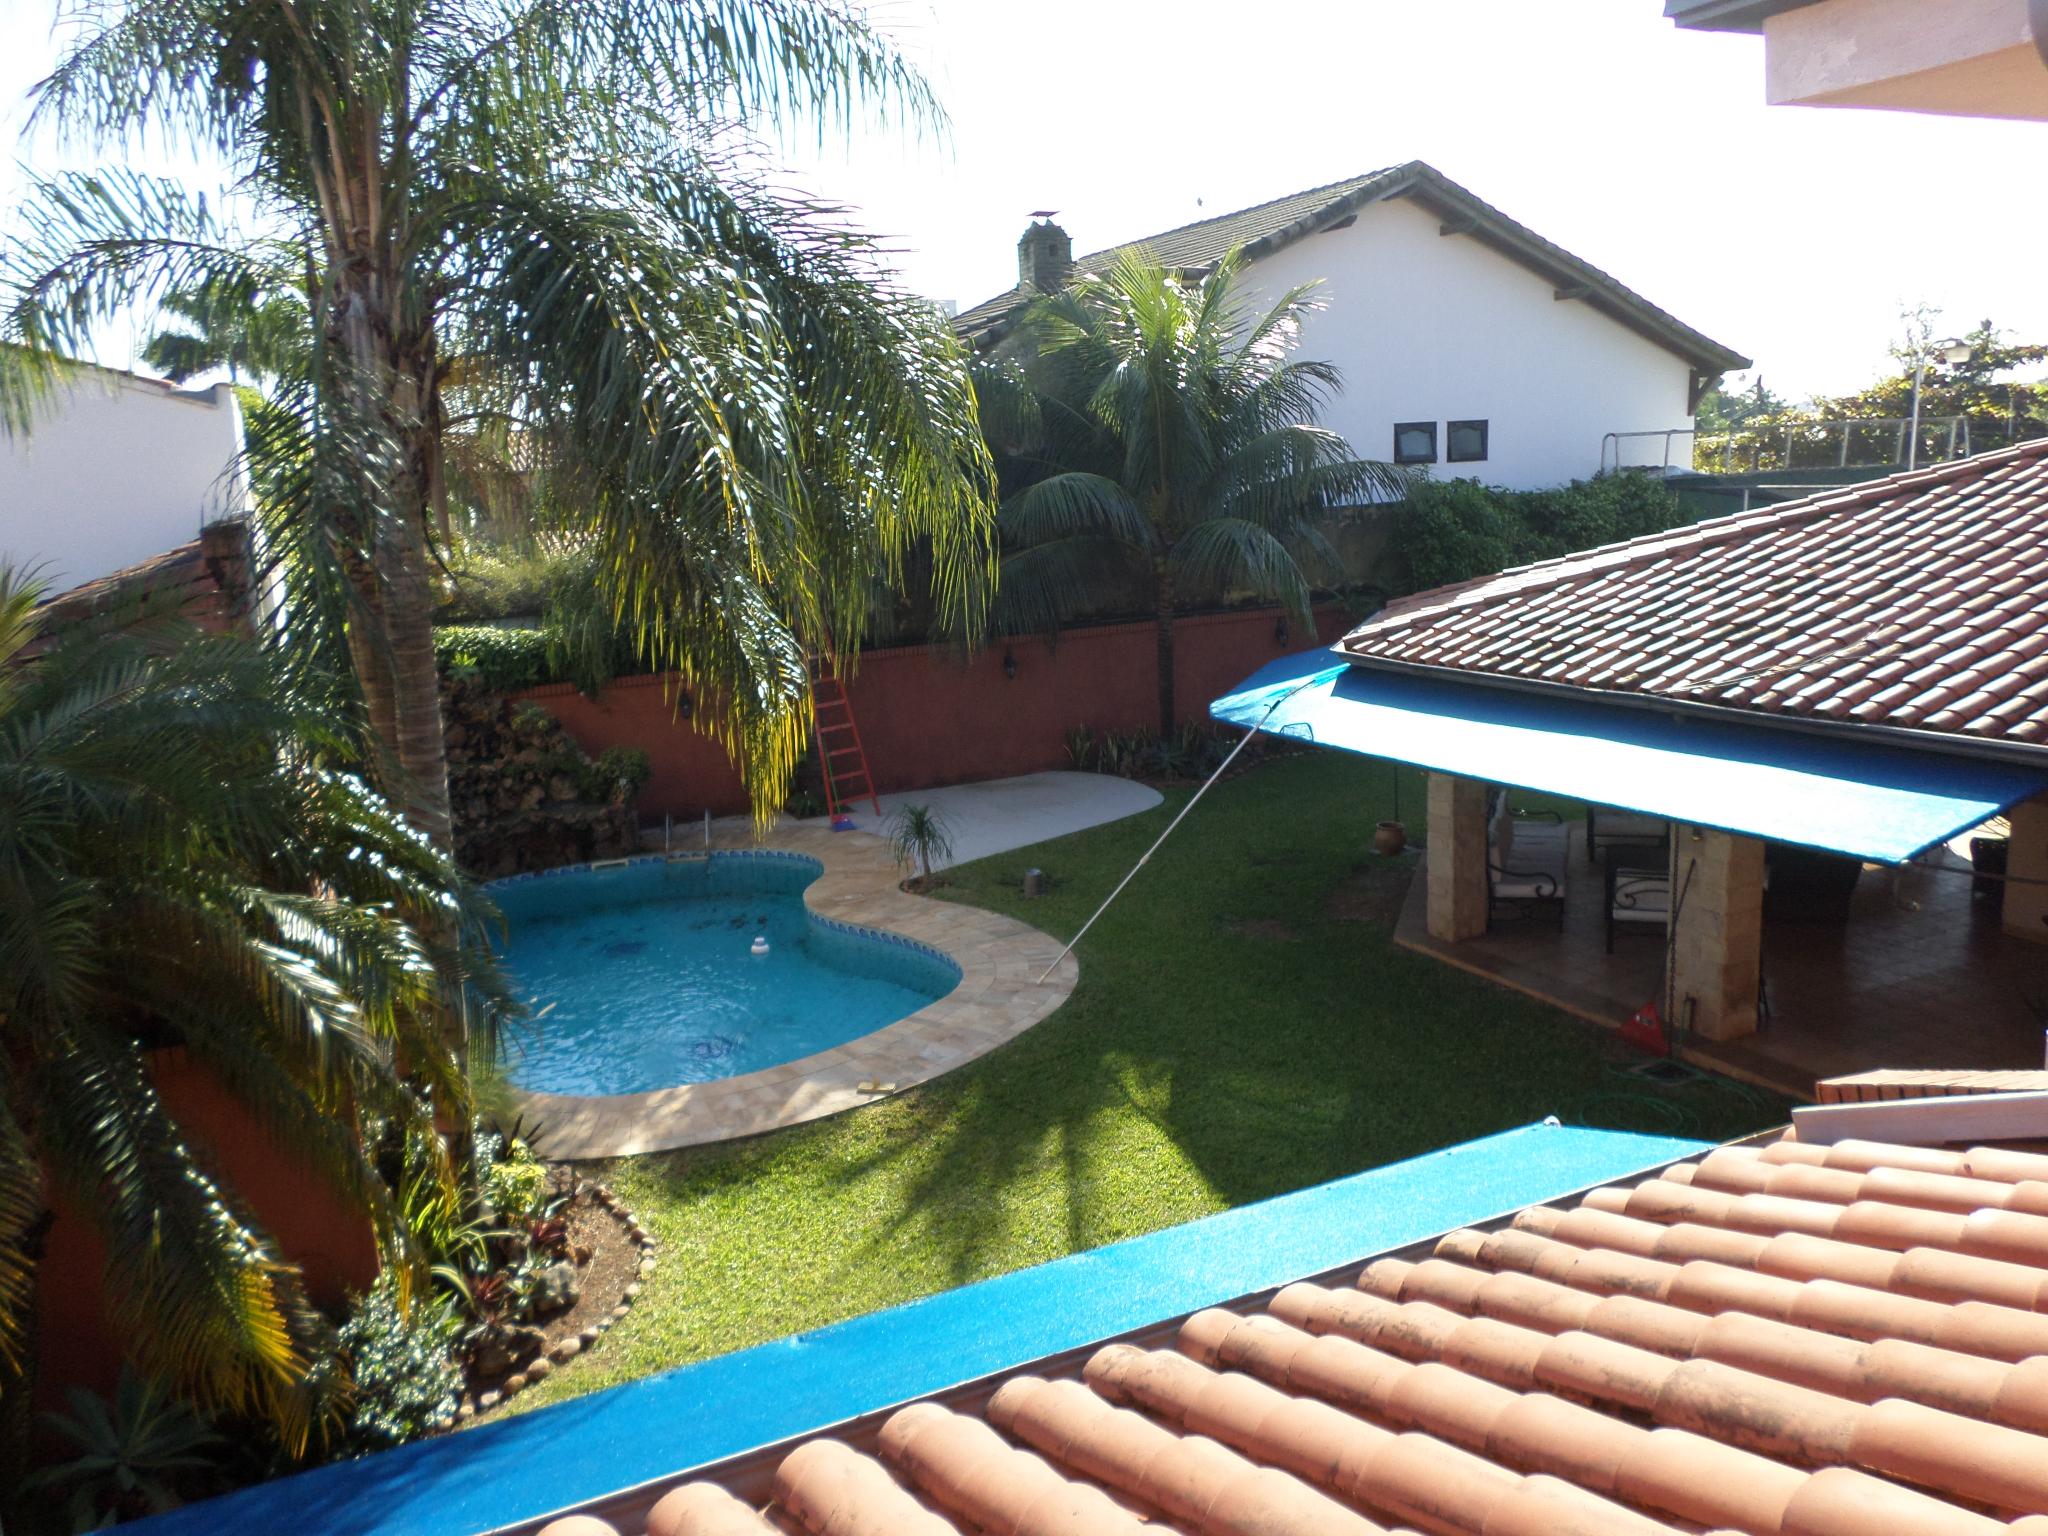 Residencia De 4 Dormitorios Con Piscina Zona Santa Teresa